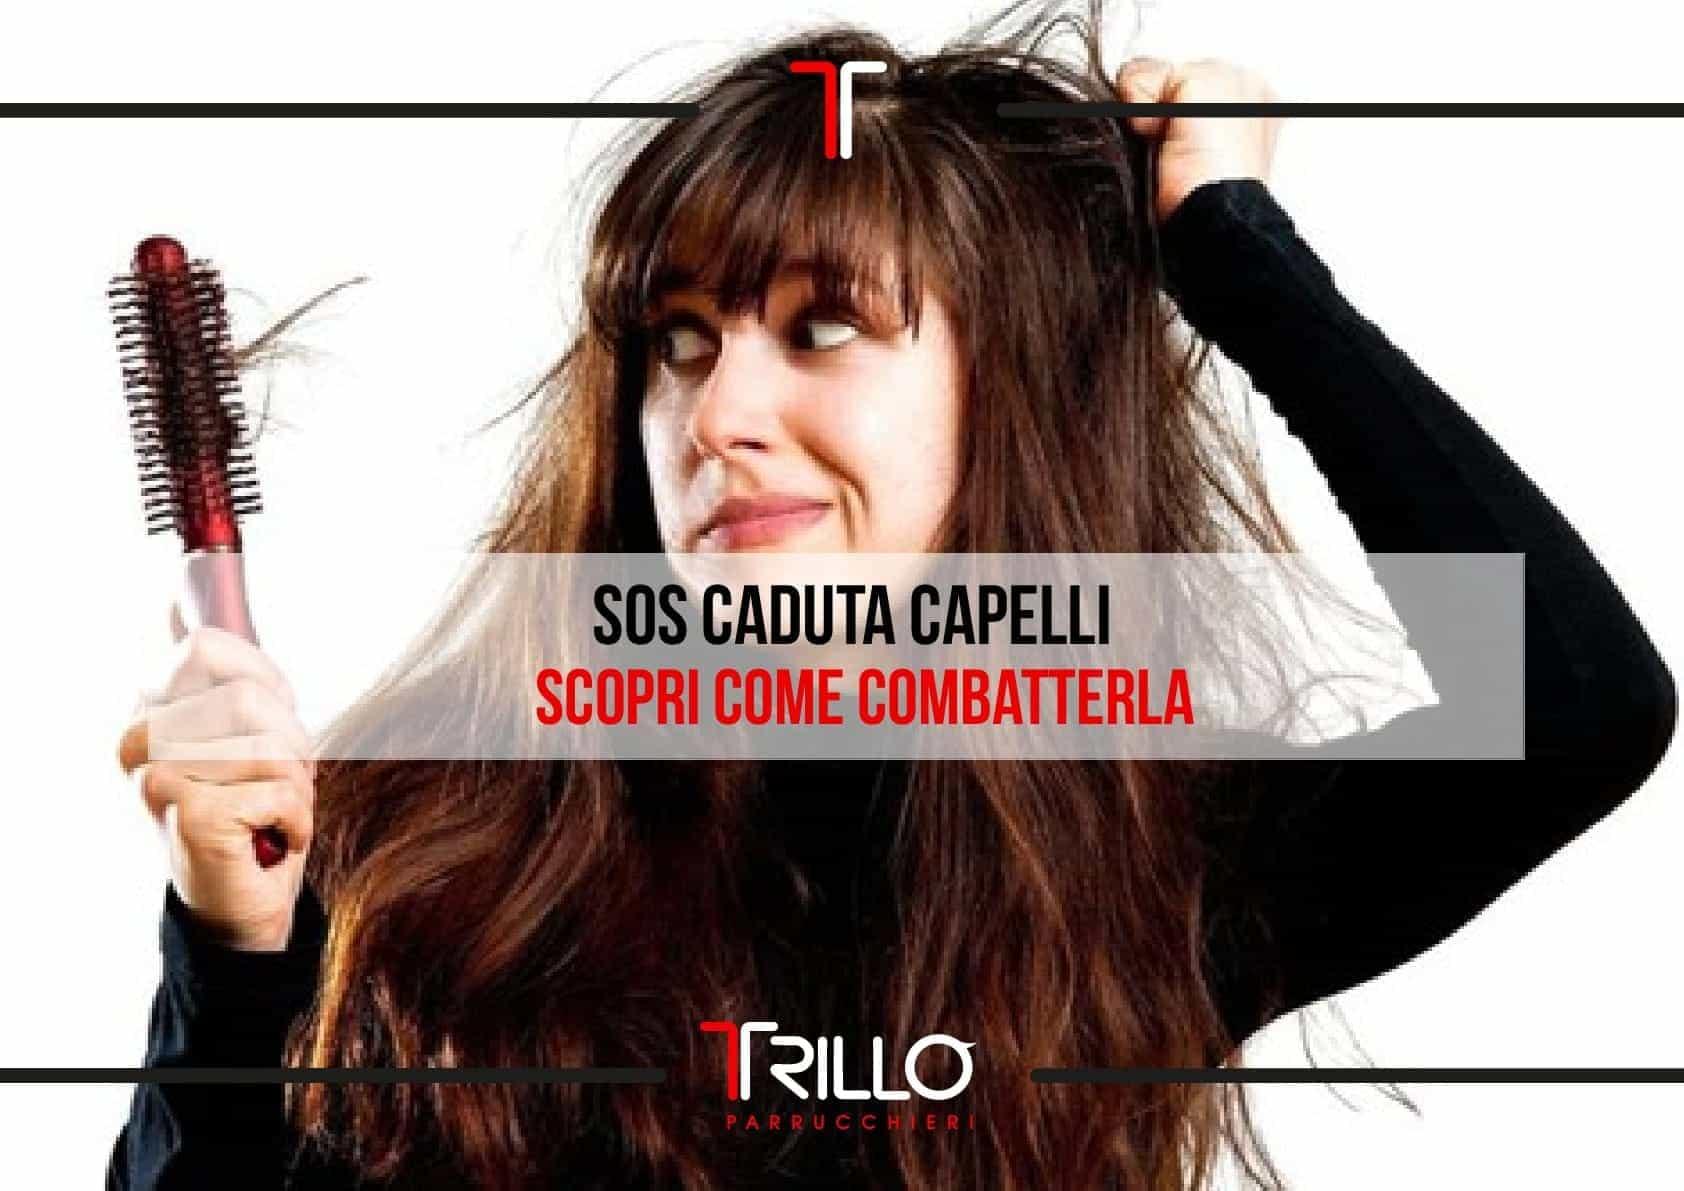 SOS Caduta Capelli scopri come combatterla